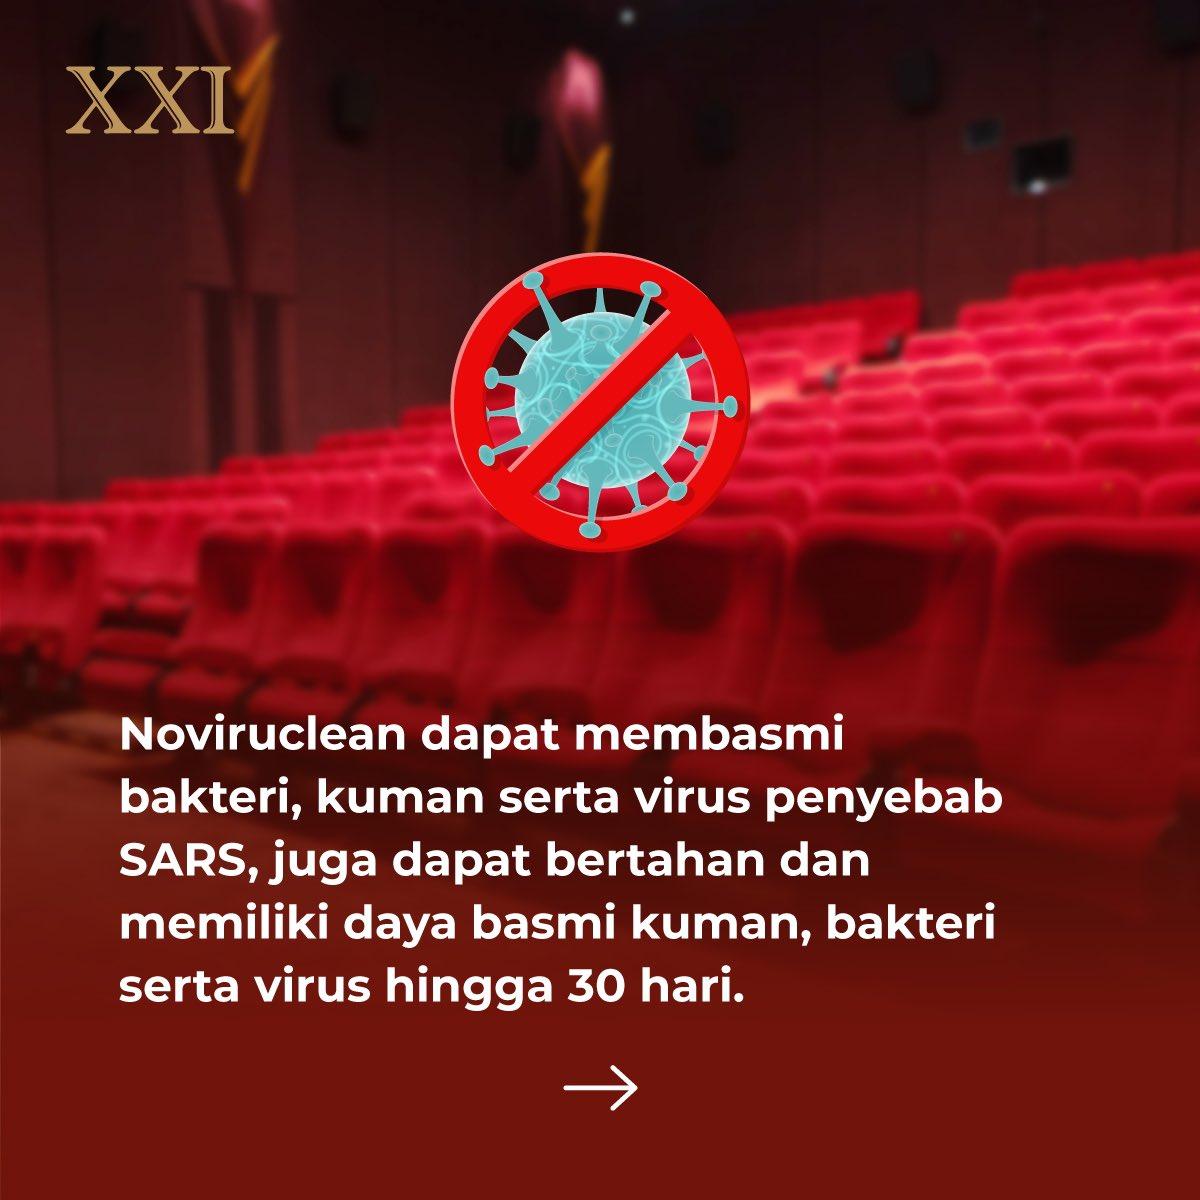 Penyemprotan disinfektan konsisten dilakukan sejak awal tahun 2020, saat bioskop menghentikan kegiatan operasional sementara dan hingga saat ini setelah bioskop diijinkan beroperasi kembali.  #RinduNontondiXXI #ASIKnyakeBioskop